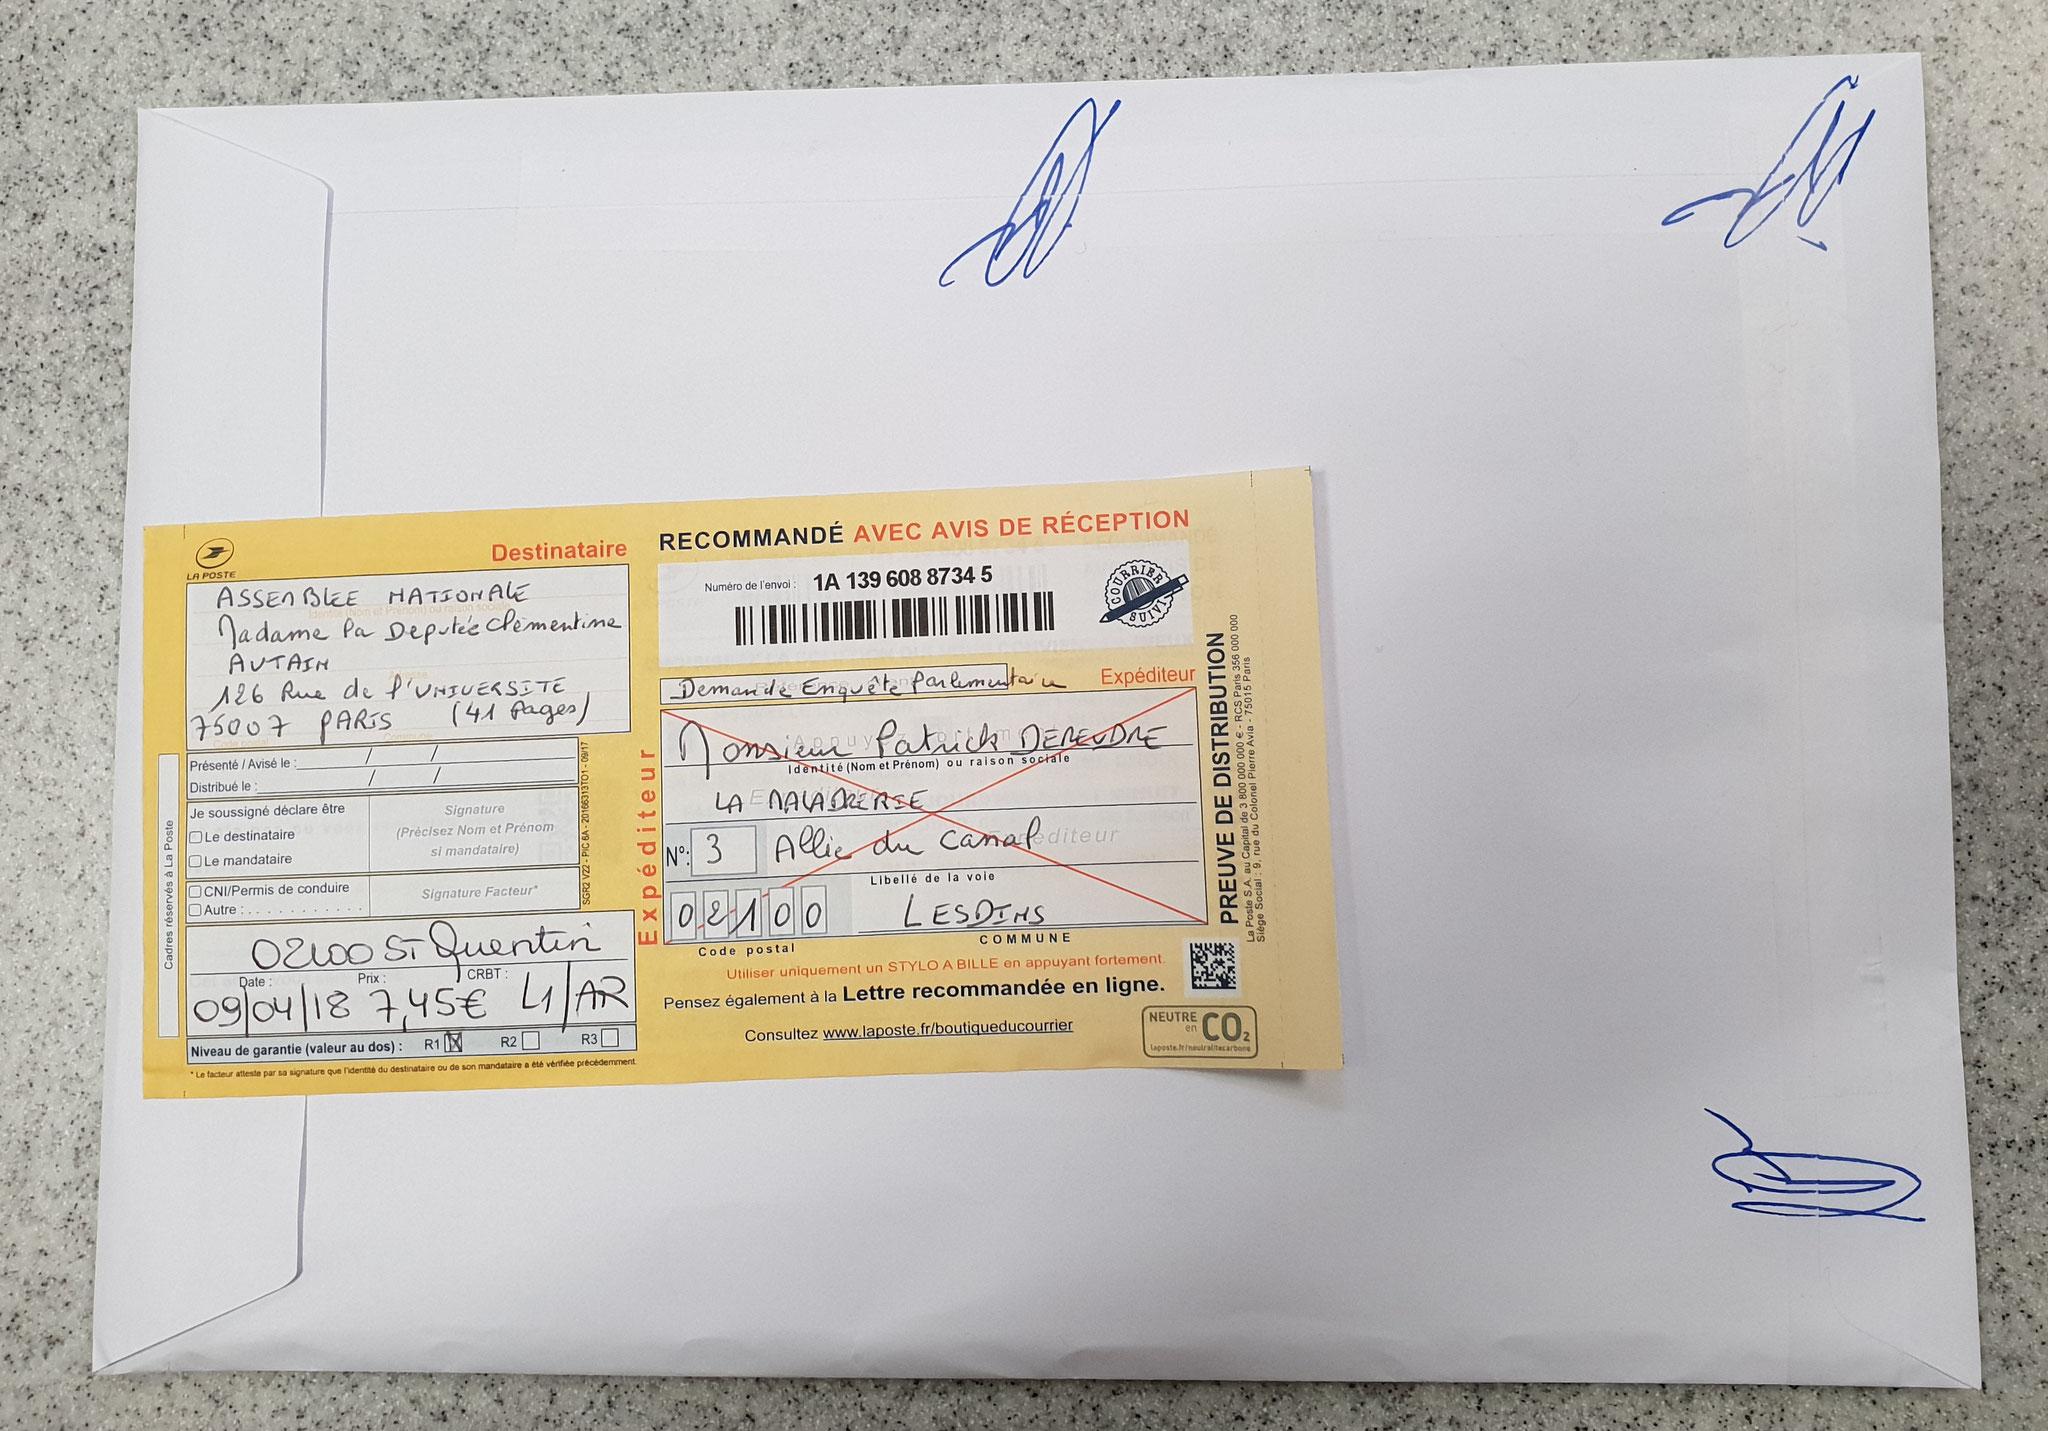 Ma lettre recommandée du 09 Avril 2018 N° 1A 139 608 8734 5  adressée à Madame Clémentine AUTAIN Députée  NON ASSISTANCE A PERSONNE EN DANGER www.jesuispatrick.fr www.jesuisvictime.fr www.jenesuispasunchien.fr